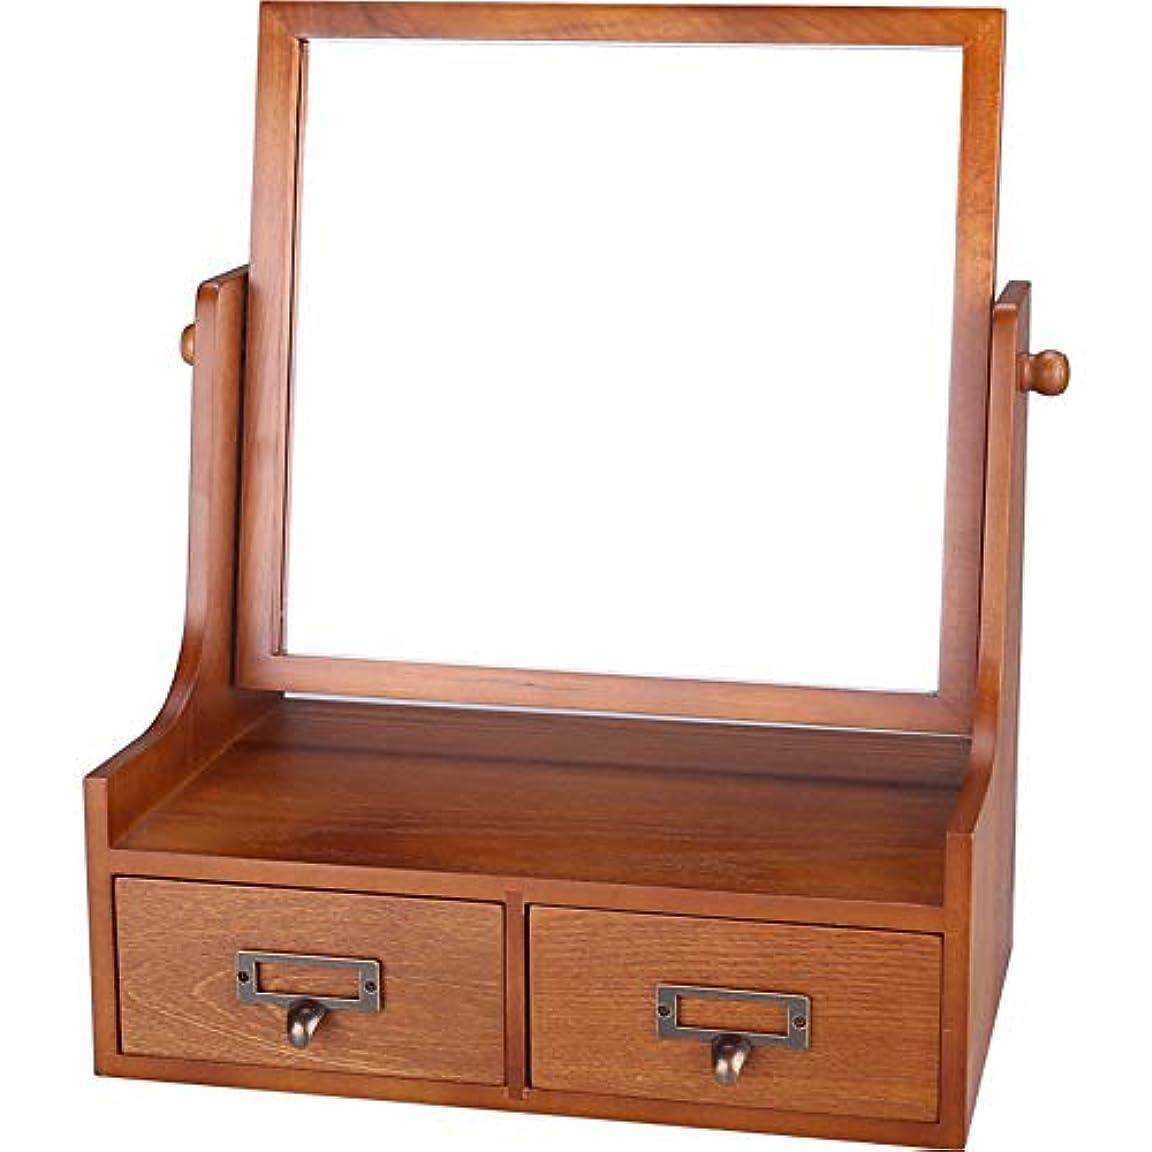 電気どこか迷信化粧品収納ボ- メボックス 鏡台 卓上収納 化粧入れ 旅行収納 小物収納 360度回転32.5x20x39cm大容量